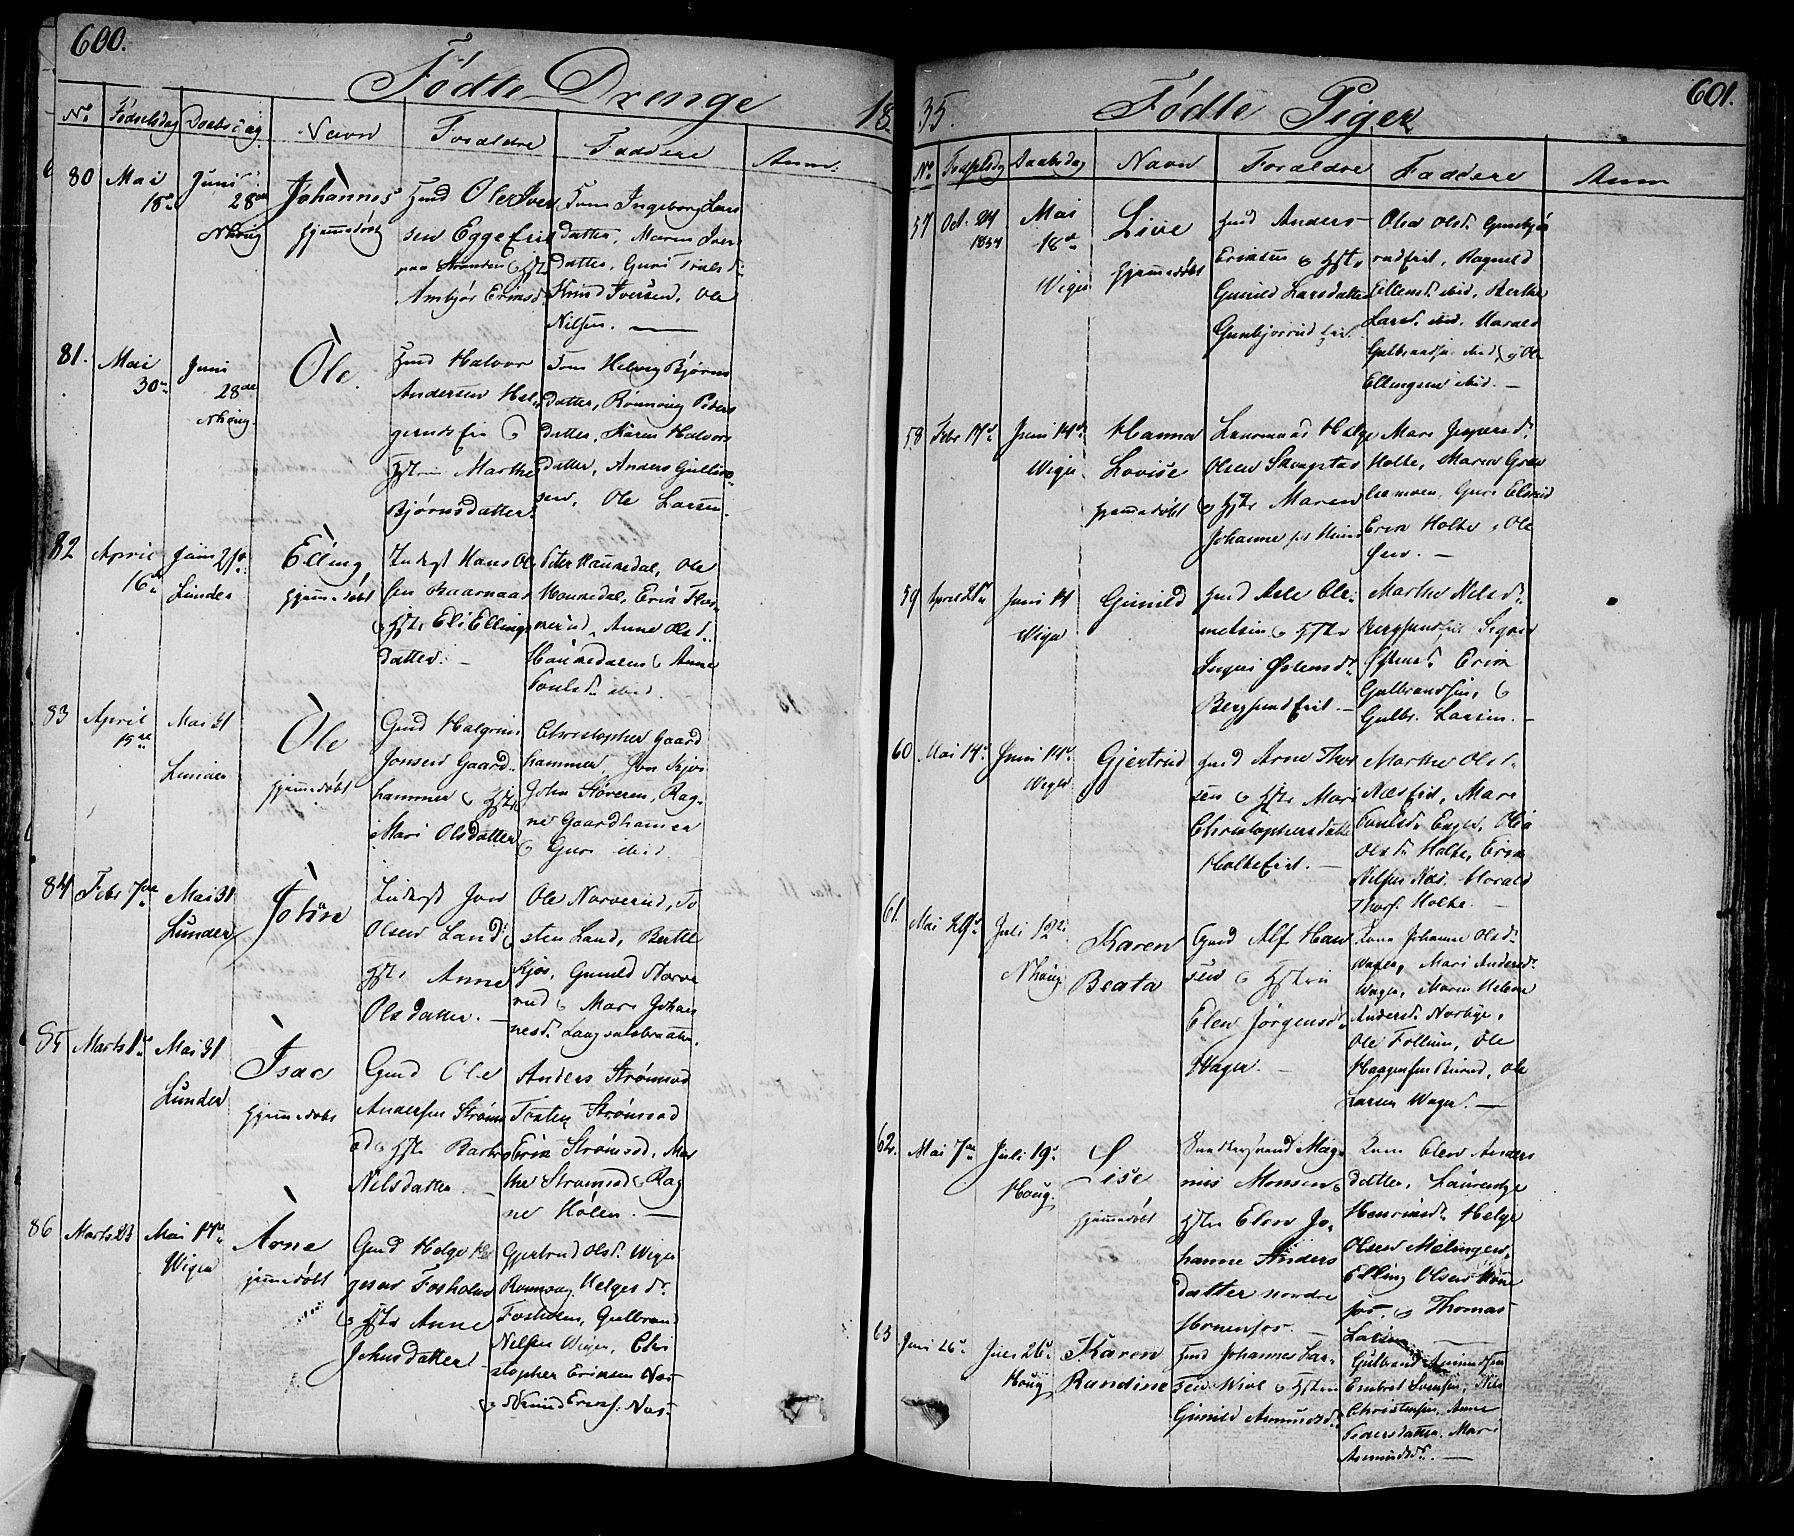 SAKO, Norderhov kirkebøker, F/Fa/L0009: Ministerialbok nr. 9, 1819-1837, s. 600-601